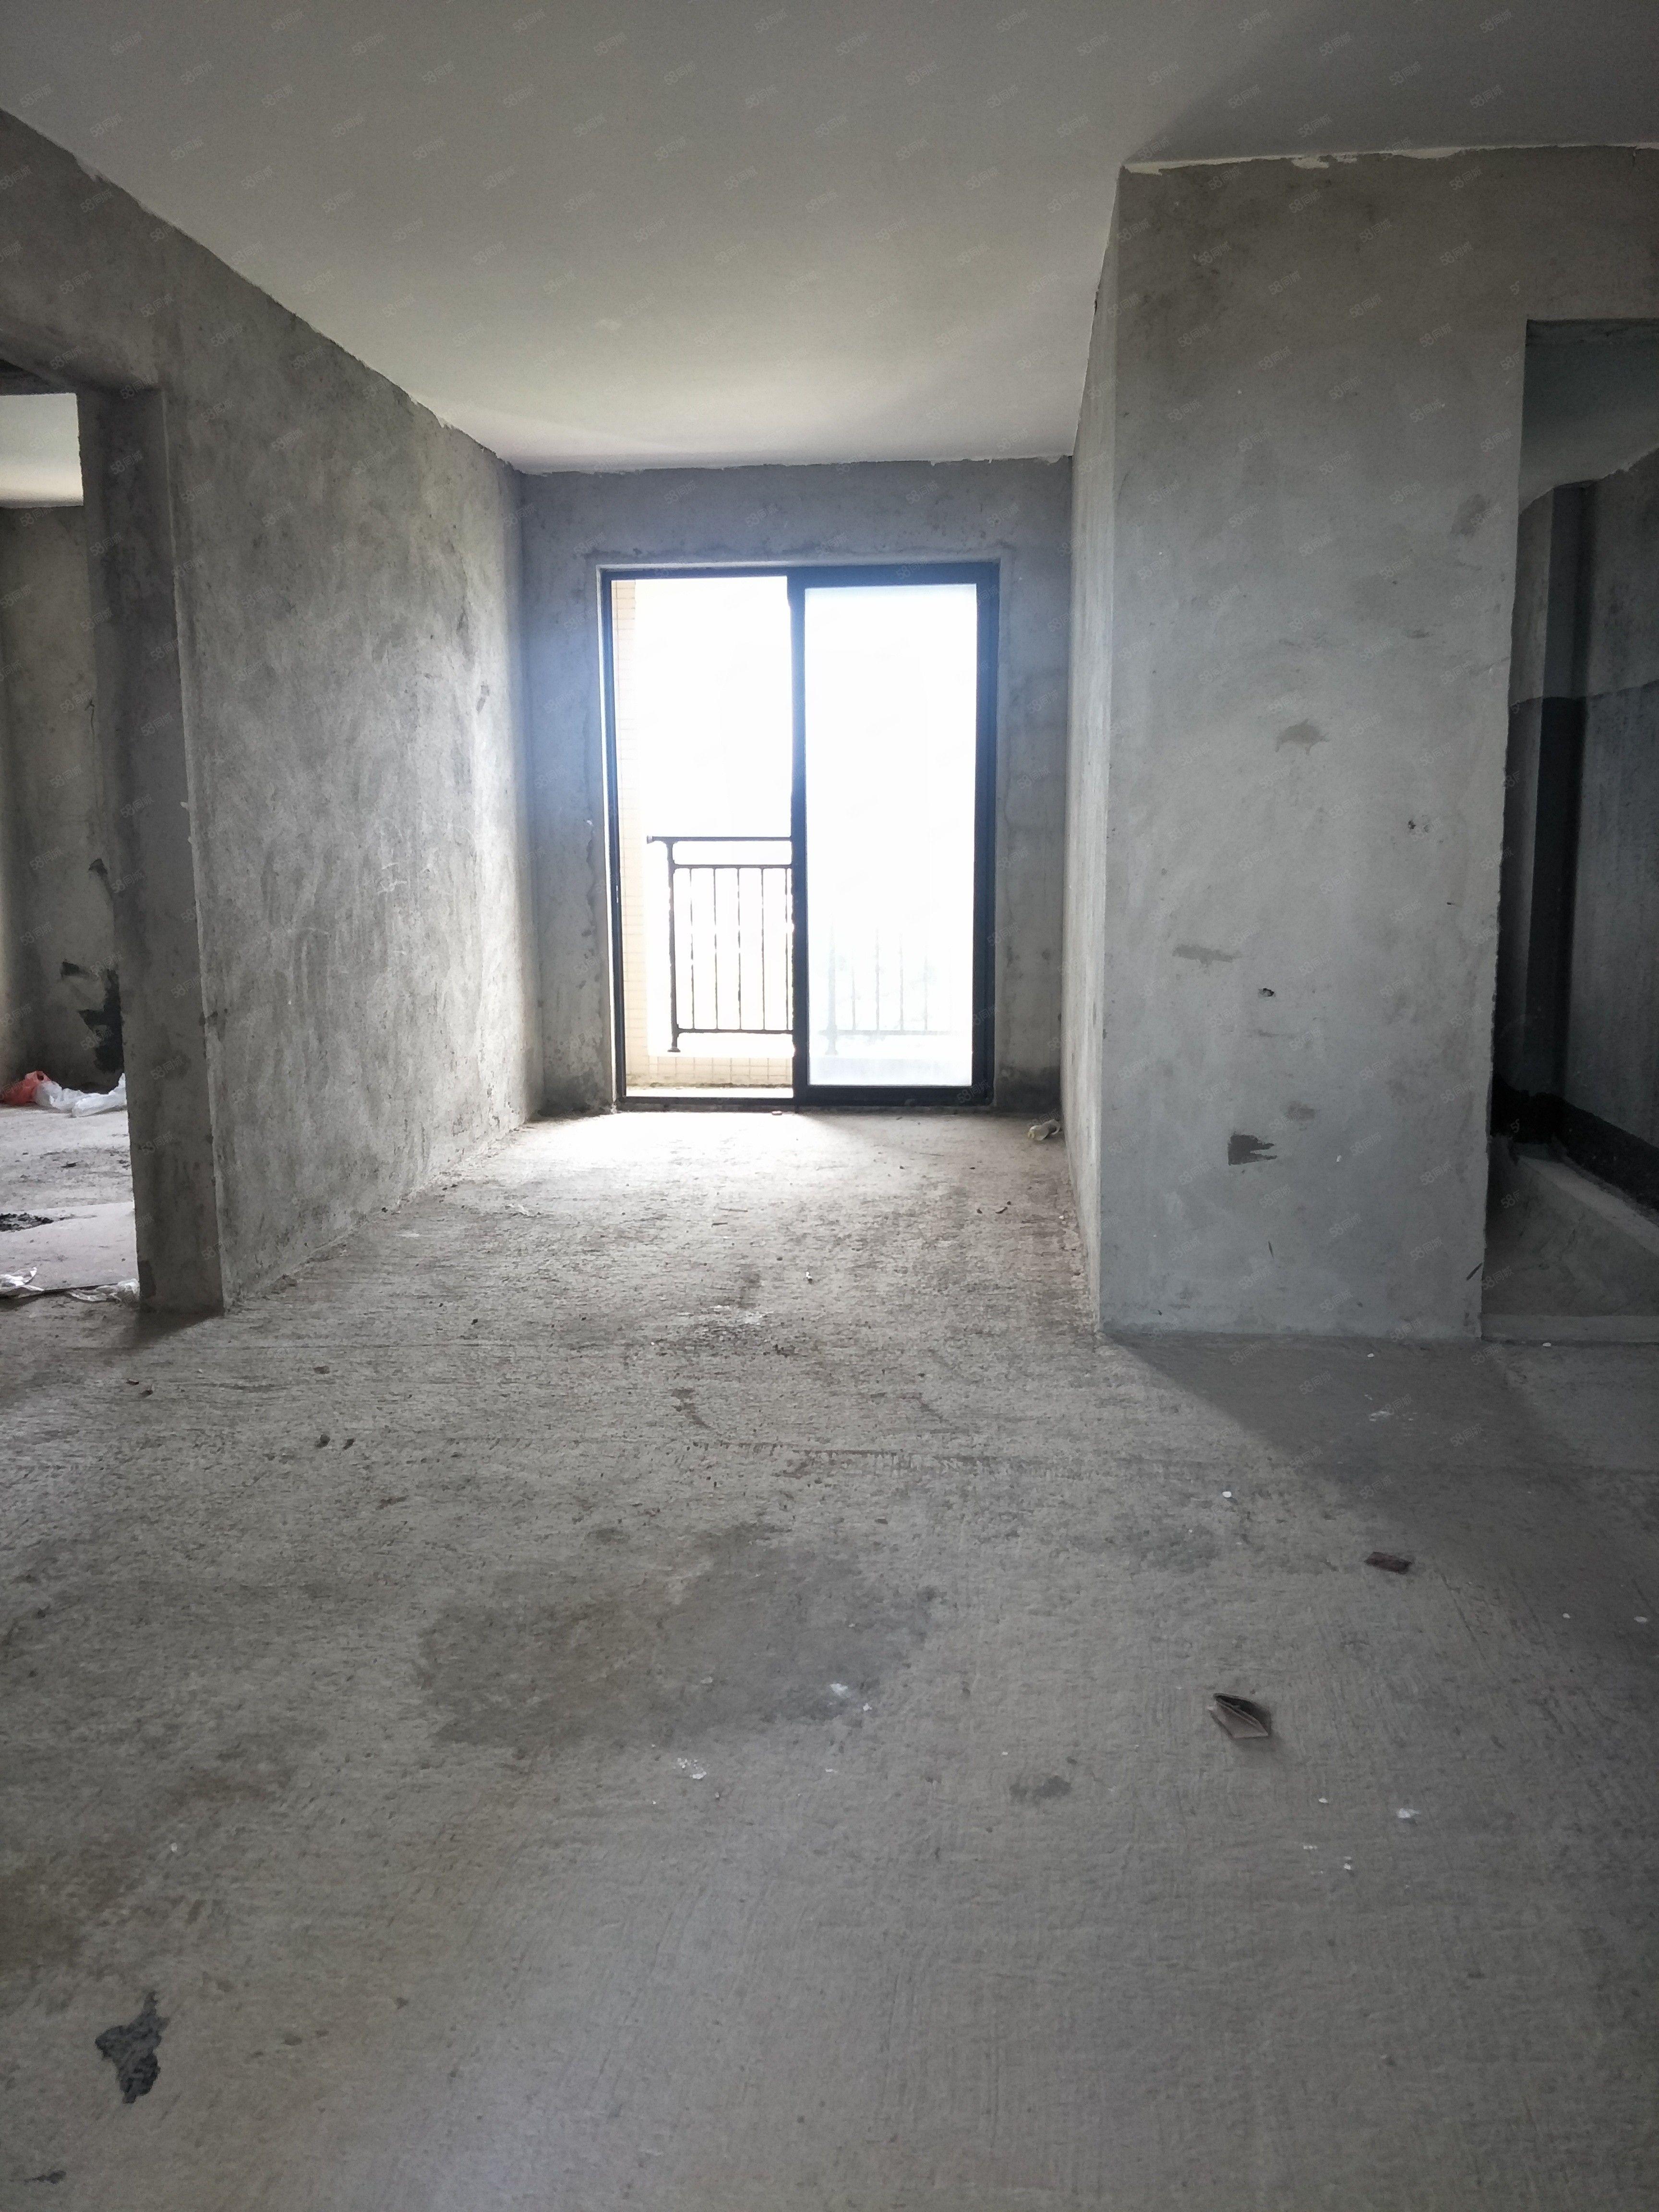 龙熙山毛坯3房111平方南北对流楼层靓售65.8万